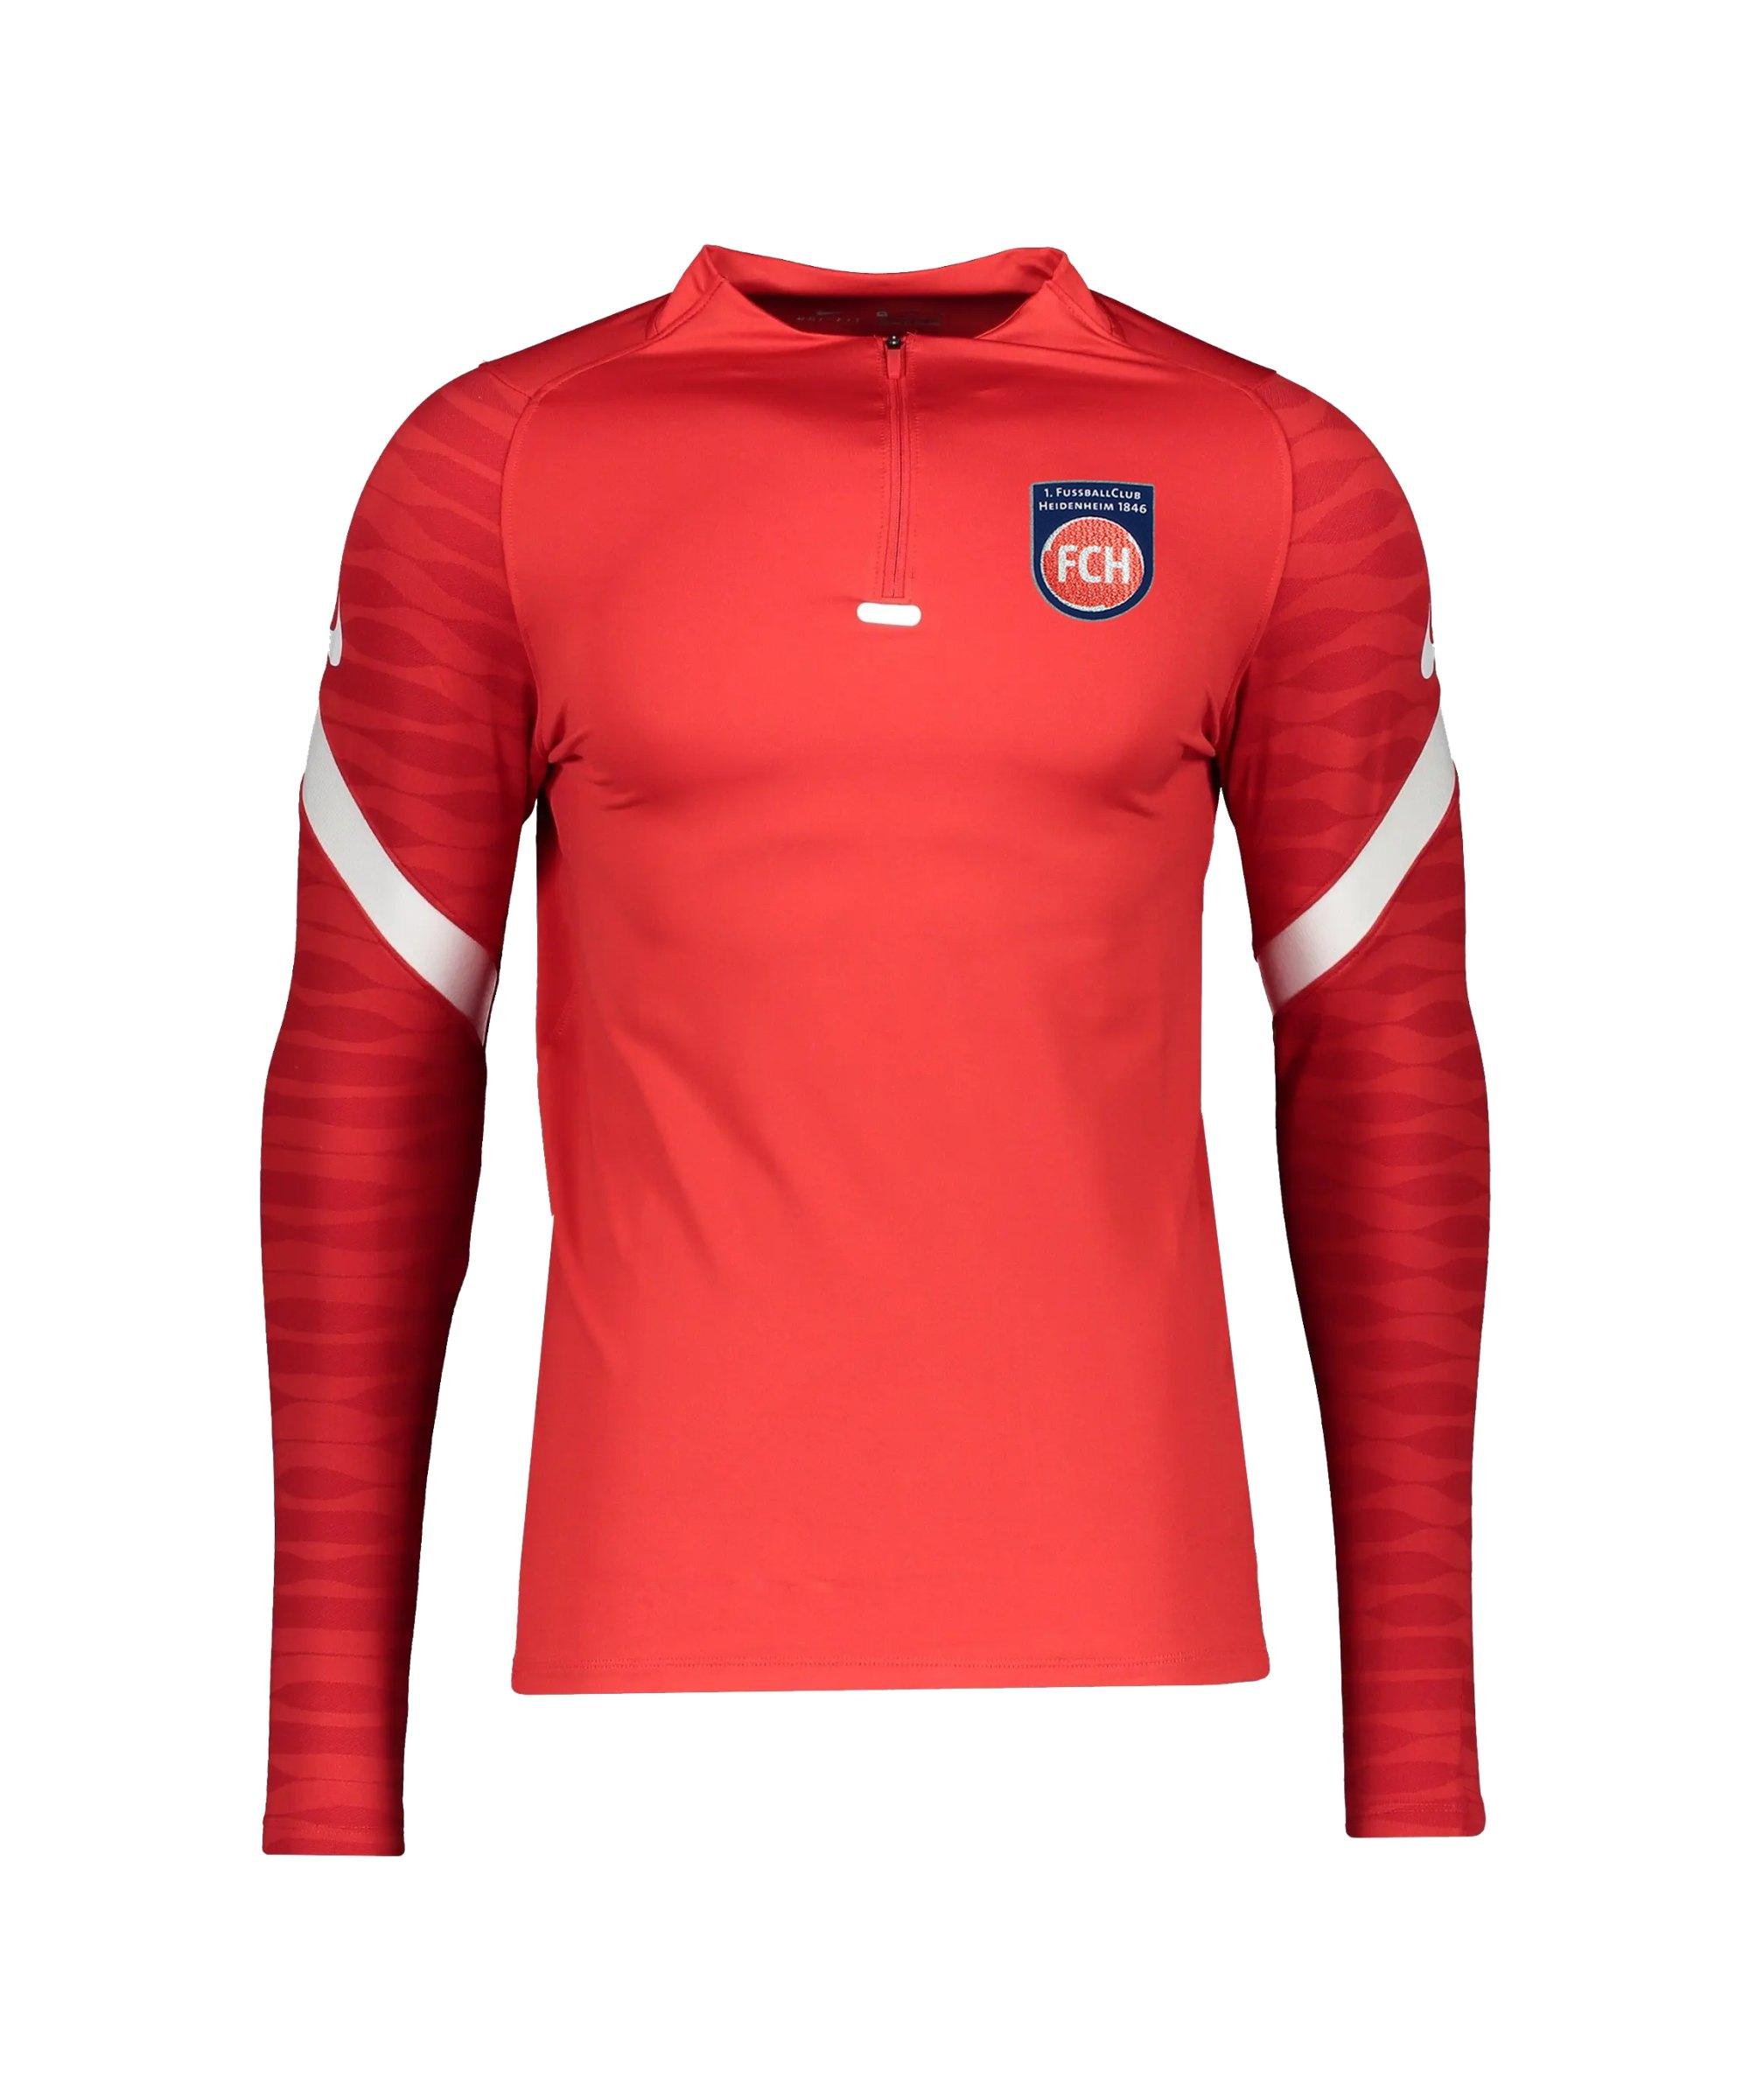 Nike 1. FC Heidenheim Drill Sweatshirt Rot F657 - rot